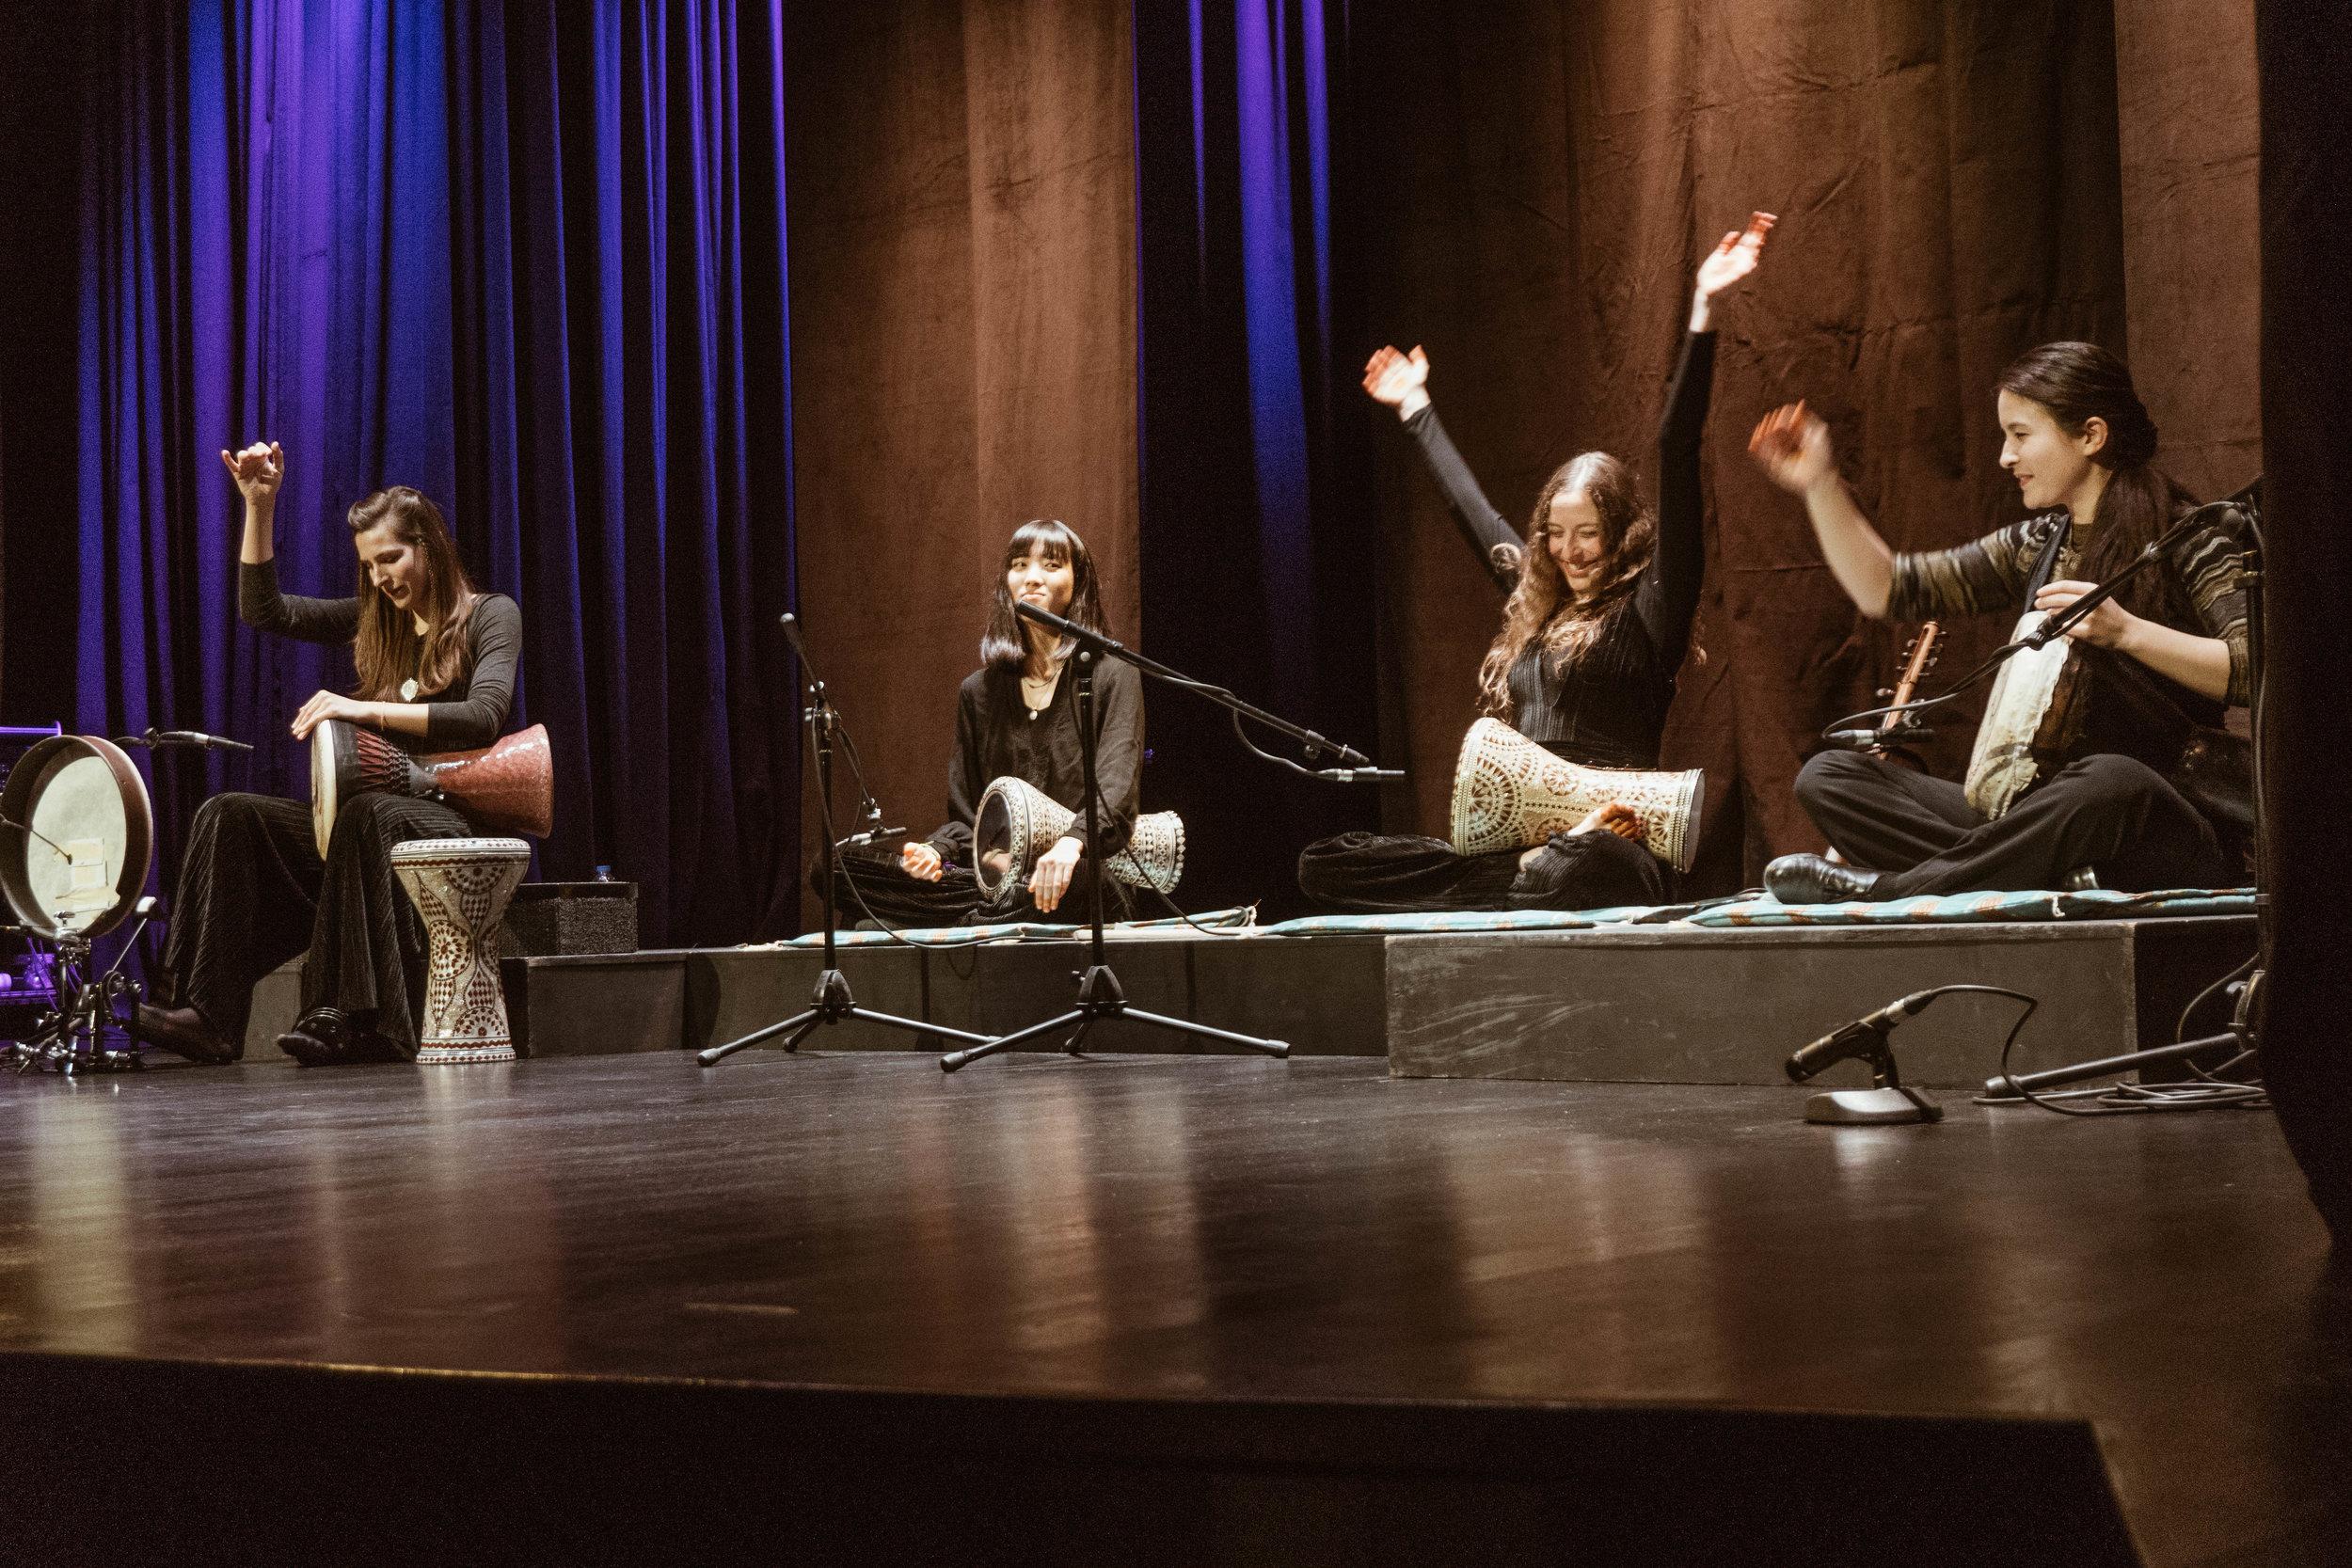 Ladies of Dum | Concert